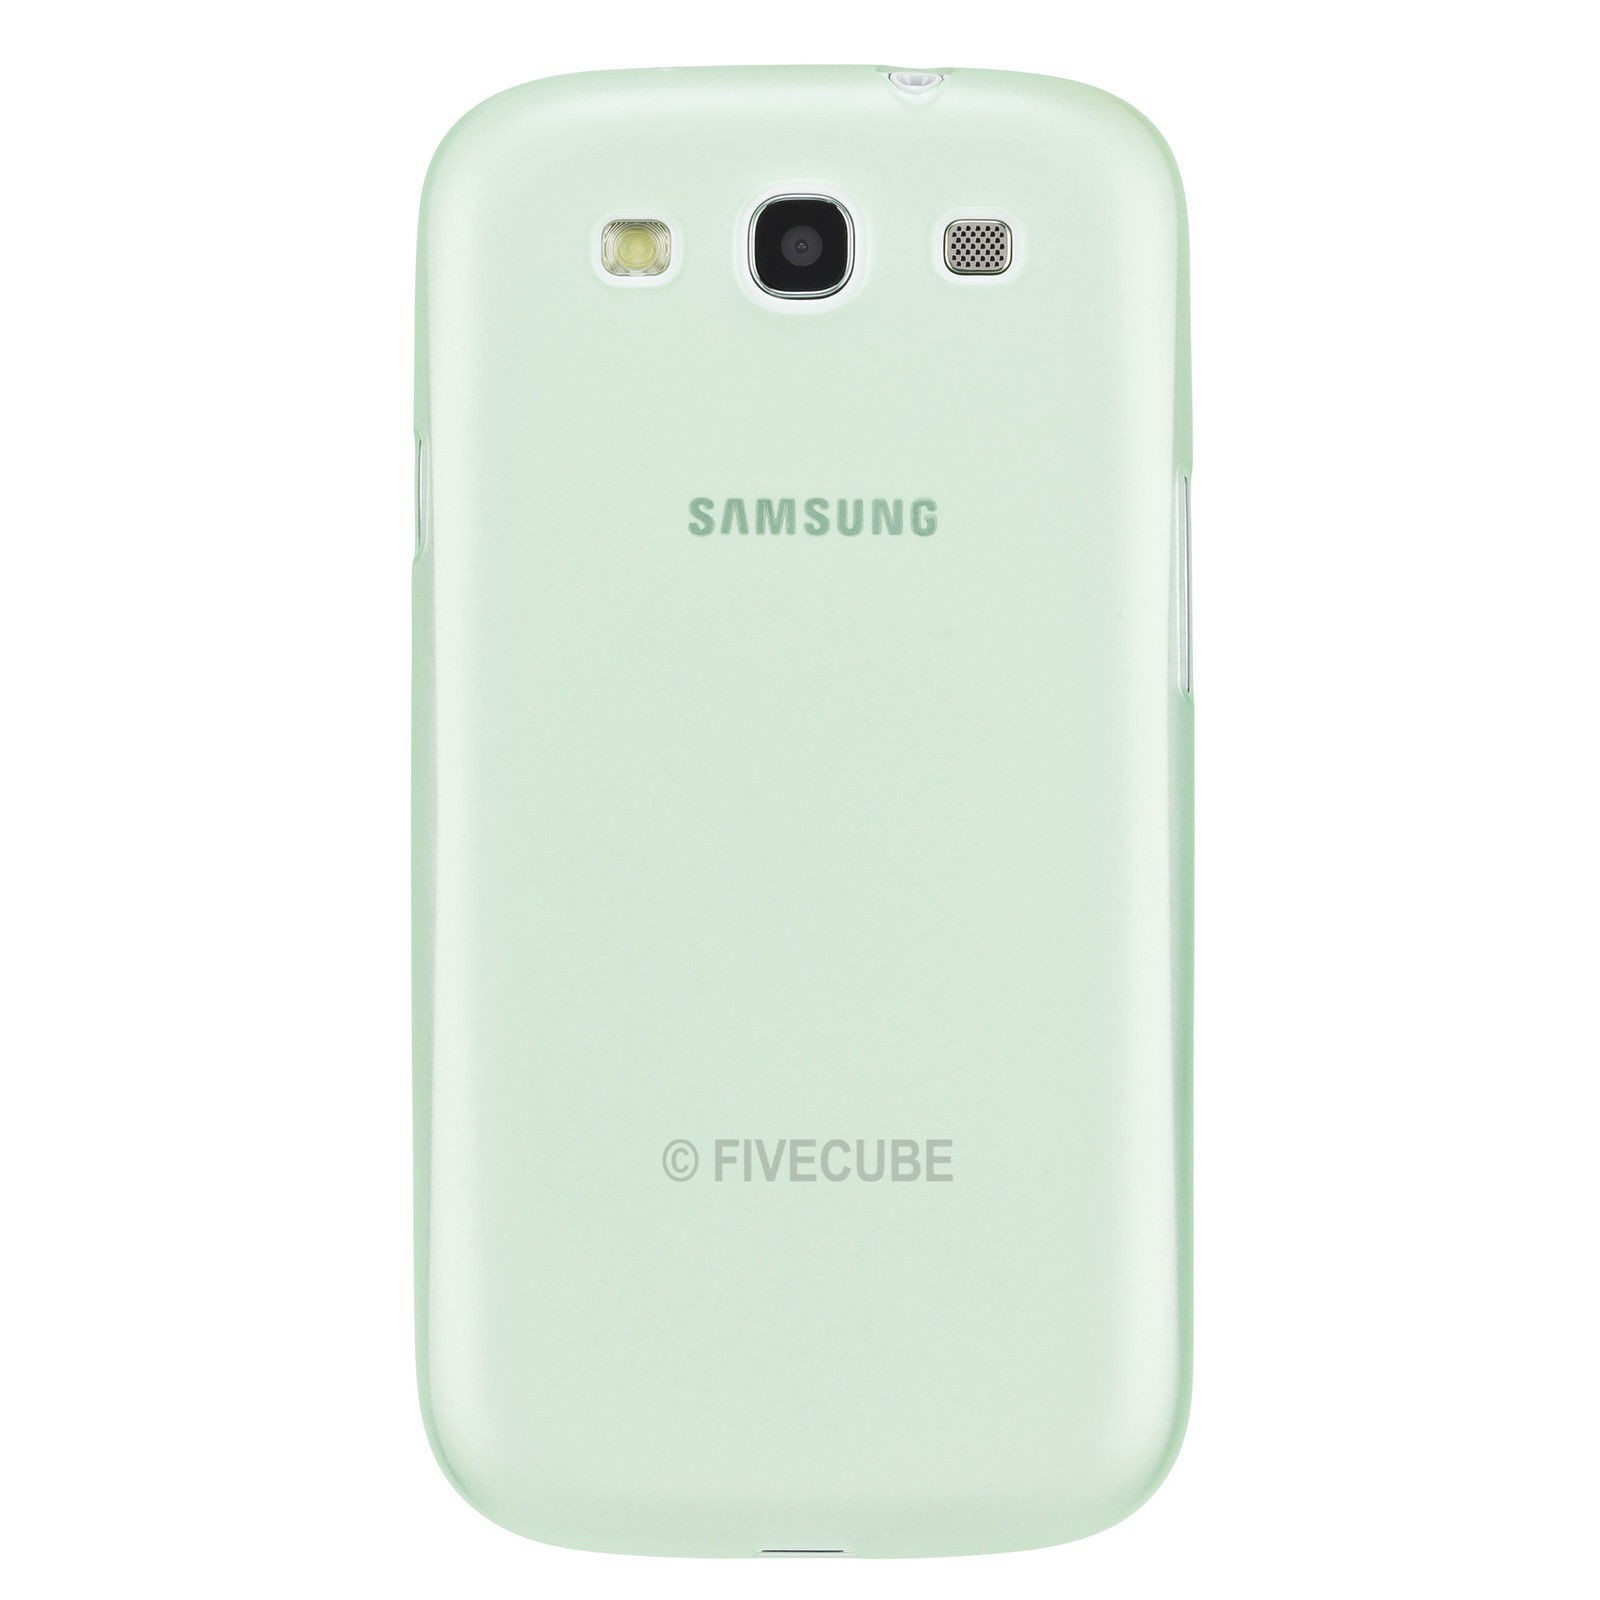 Yemota Pro Slimcase für Samsung Galaxy S3 - Grün